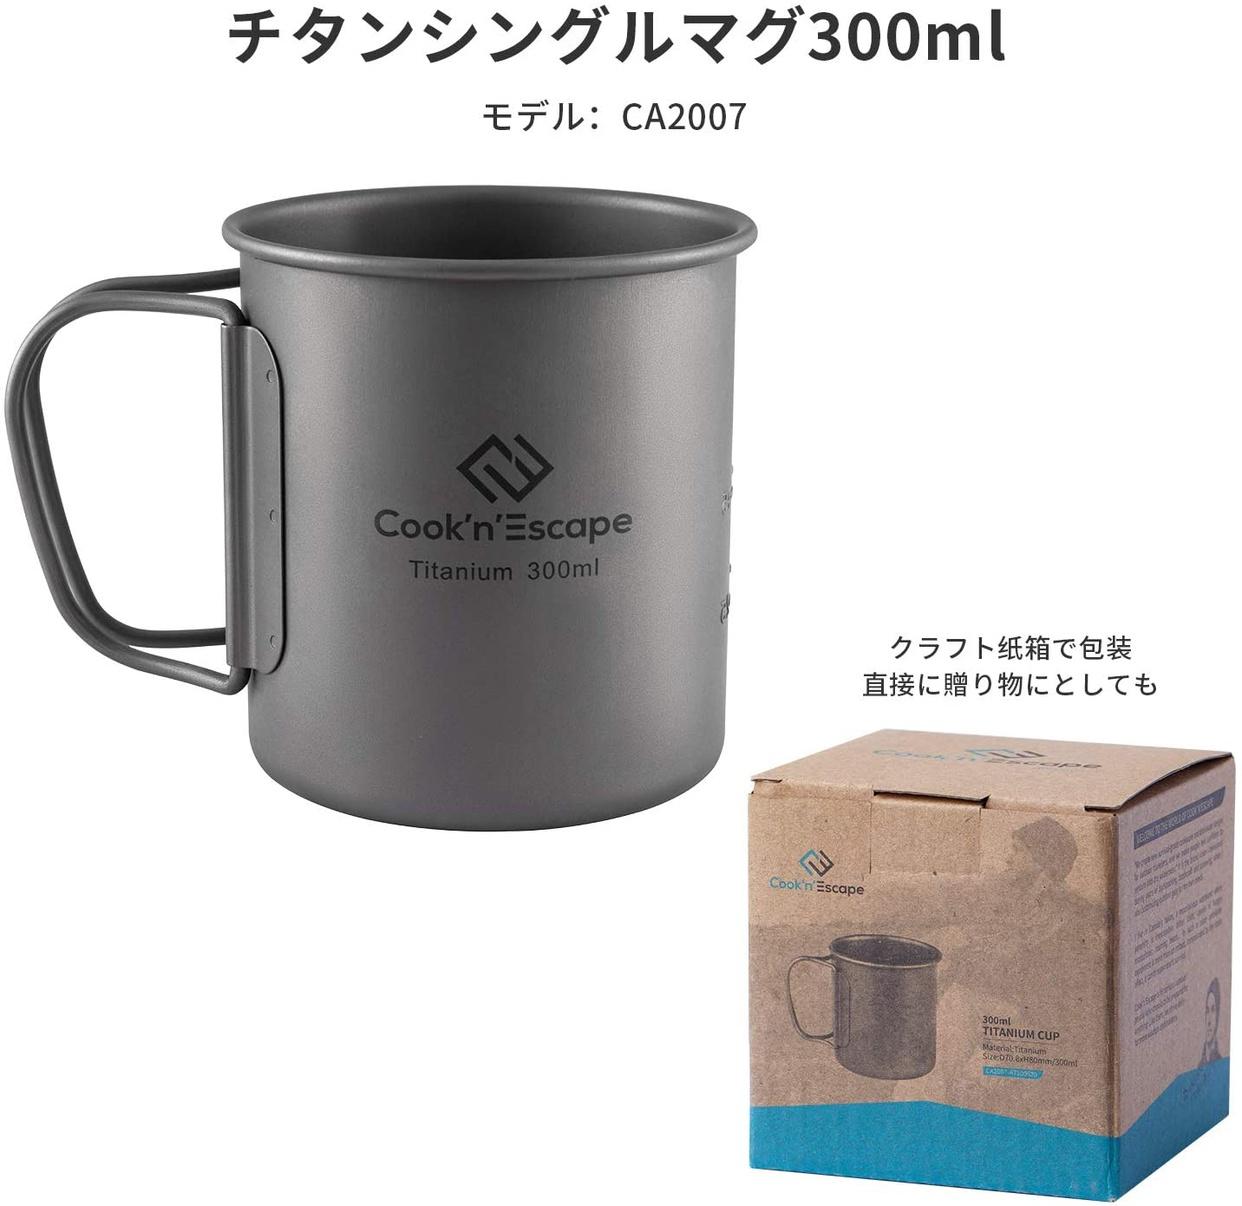 COOK'N'ESCAPE(コックンエスケープ) アウトドア用マグカップの商品画像7